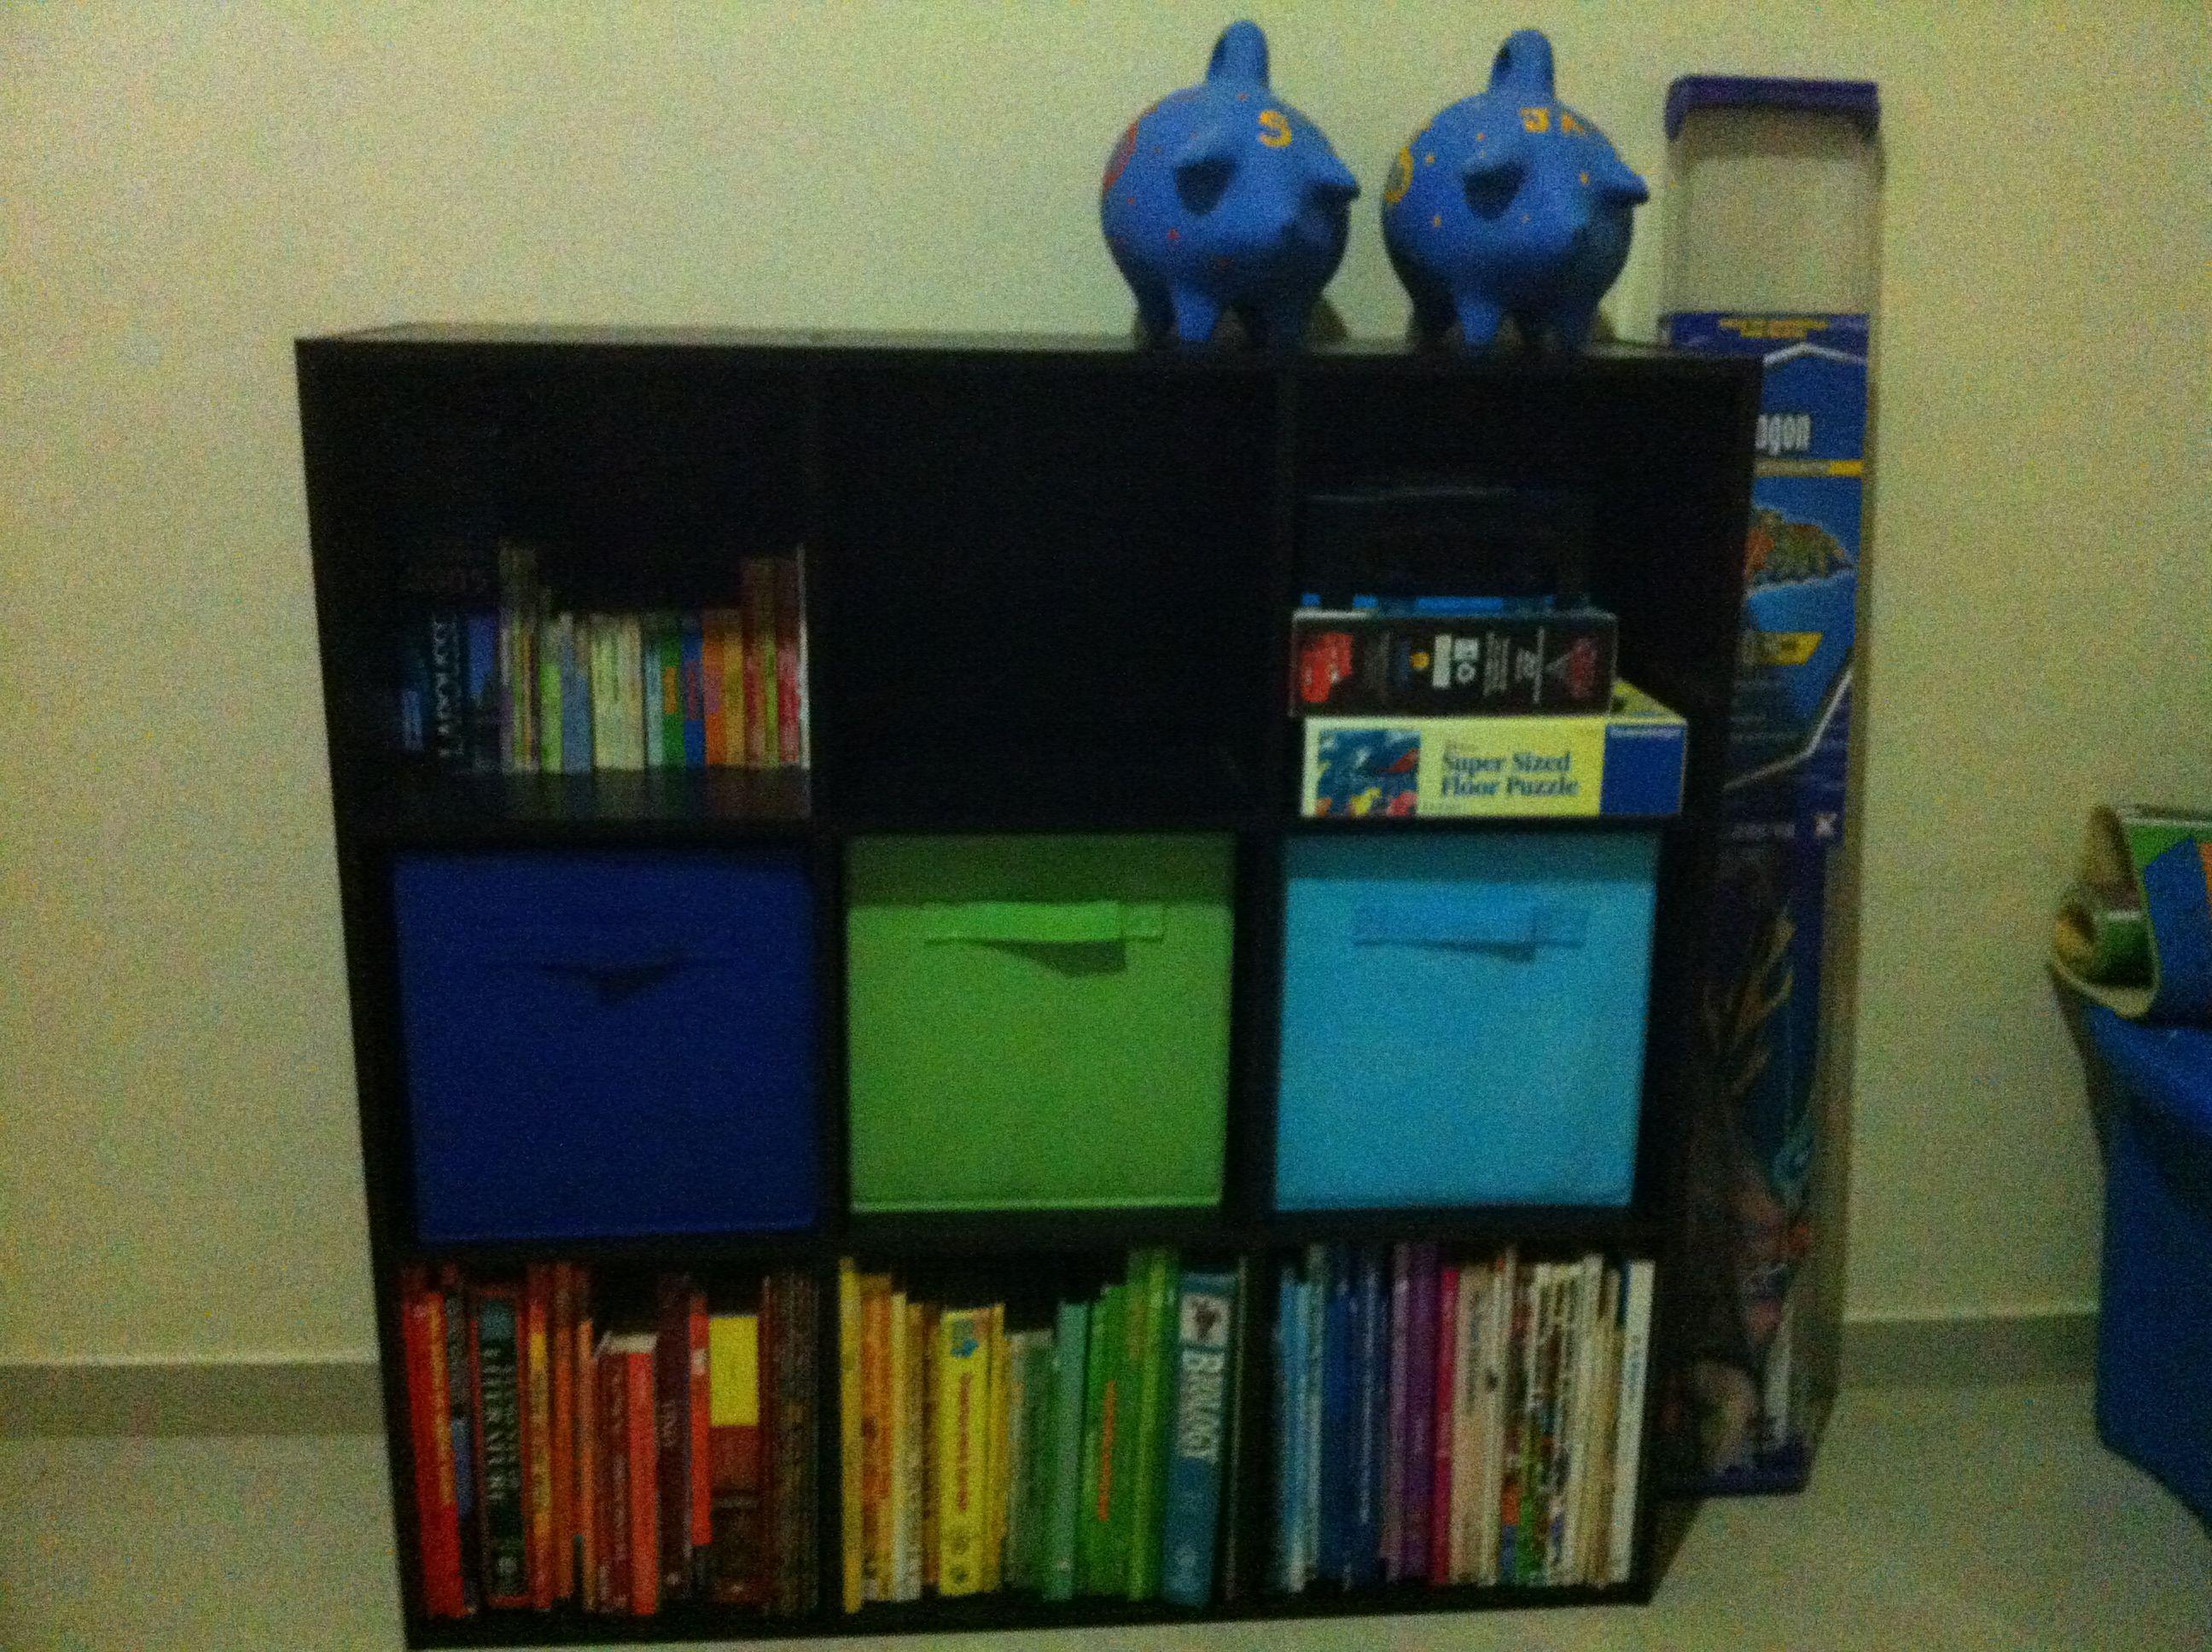 Mueble De Home Depot La Use Para Organizar Cuentos Y Juguetes Del  # Muebles Jugueteros Para Ninos